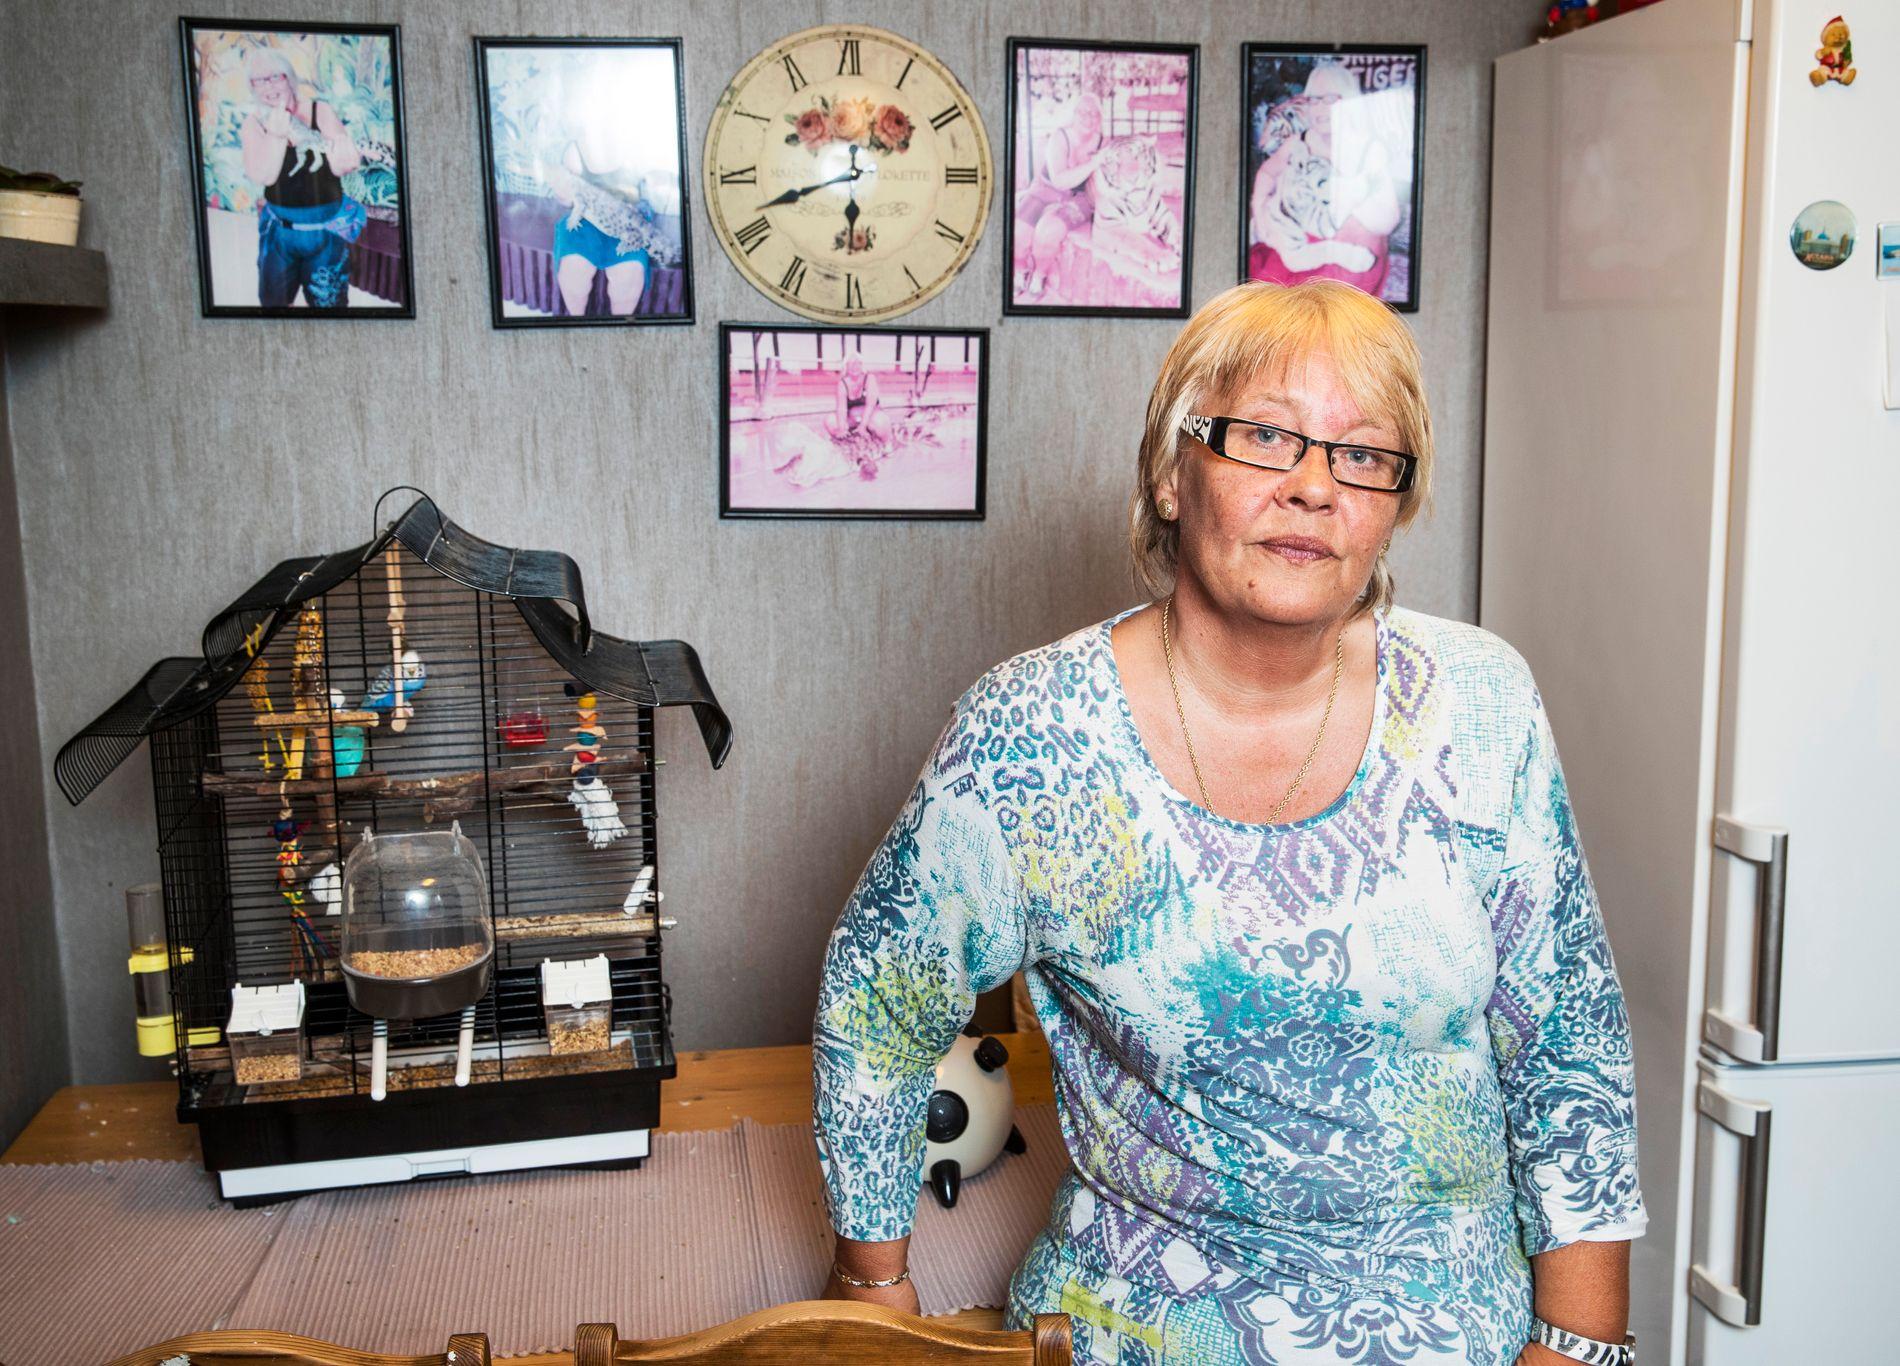 SLITEN: - Jeg blir mister all energi av å snakke om Baneheia-saken, sier Berit Andersen, fotografert på kjøkkenet i leiligheten i Kristiansand, foran fugleburet til sønnen, drapsdømte Jan Helge Andersen.